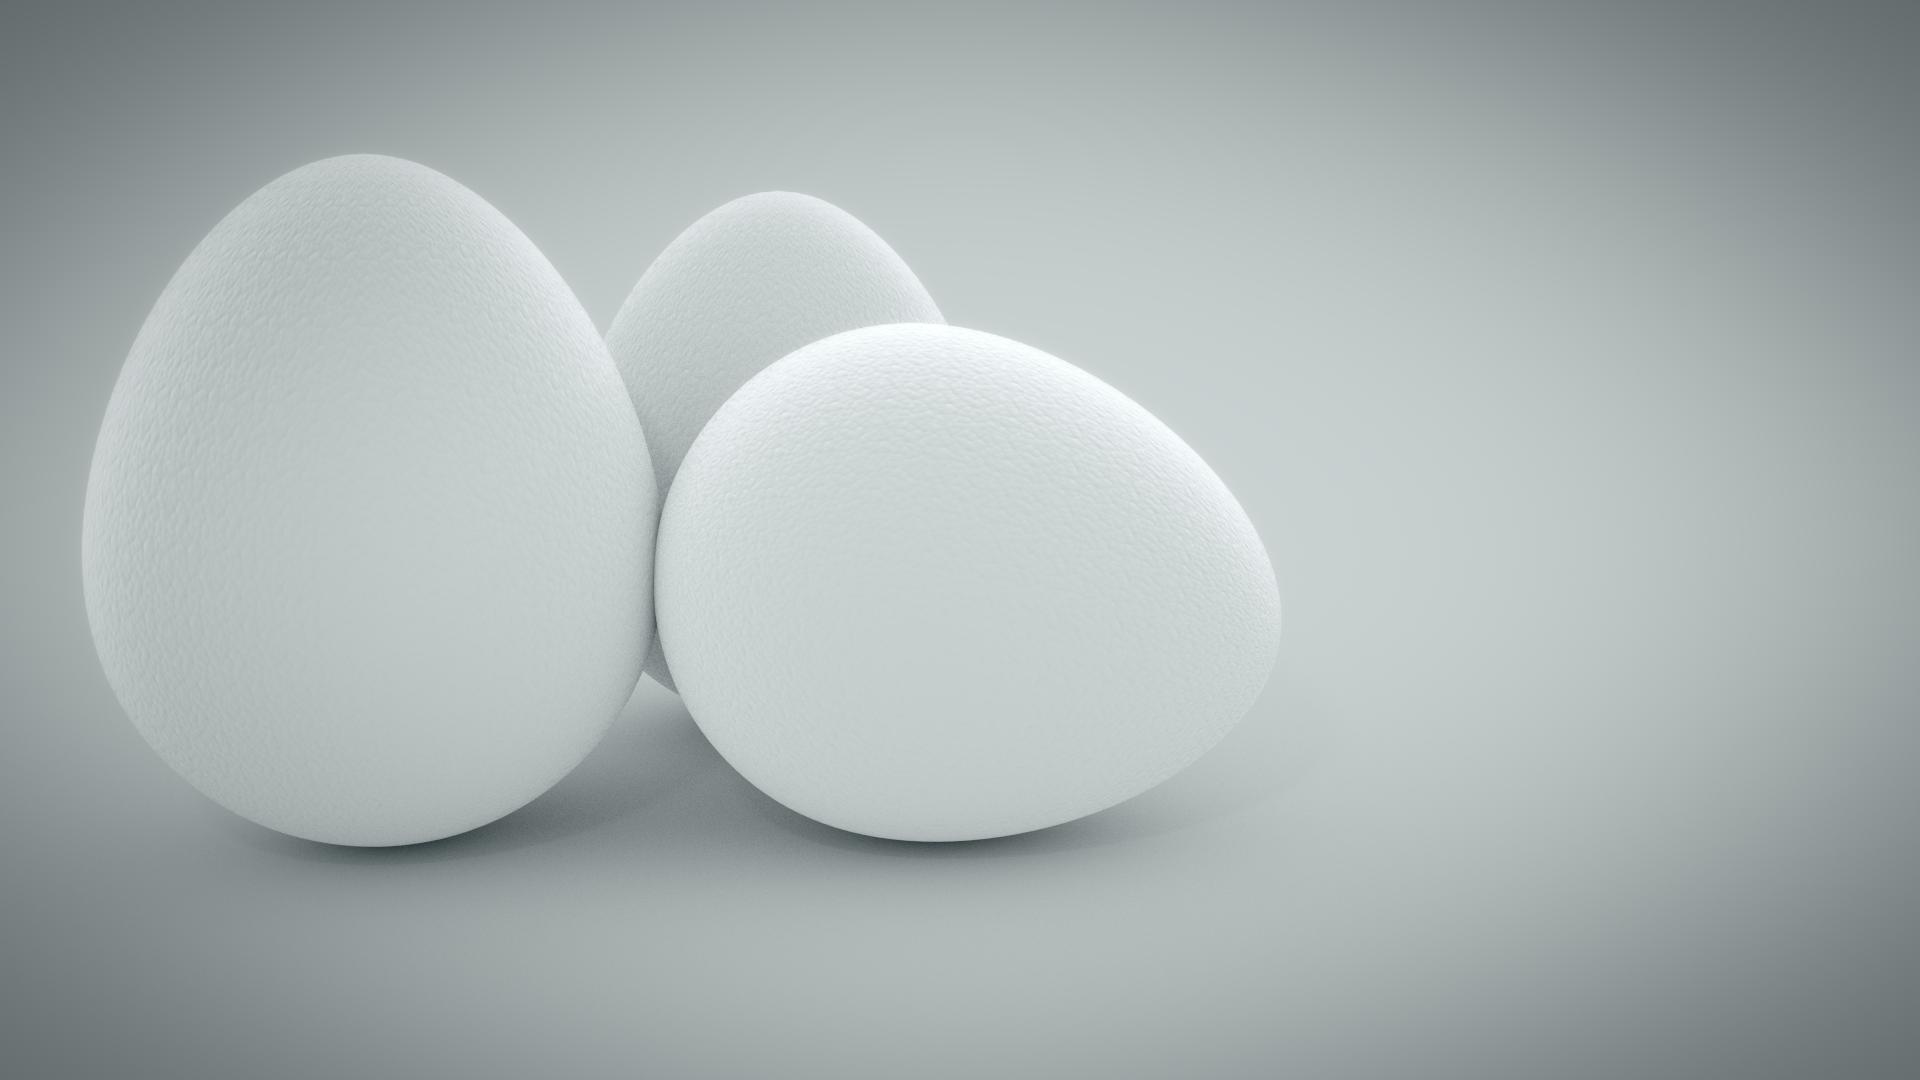 Egg HD PNG - 94564